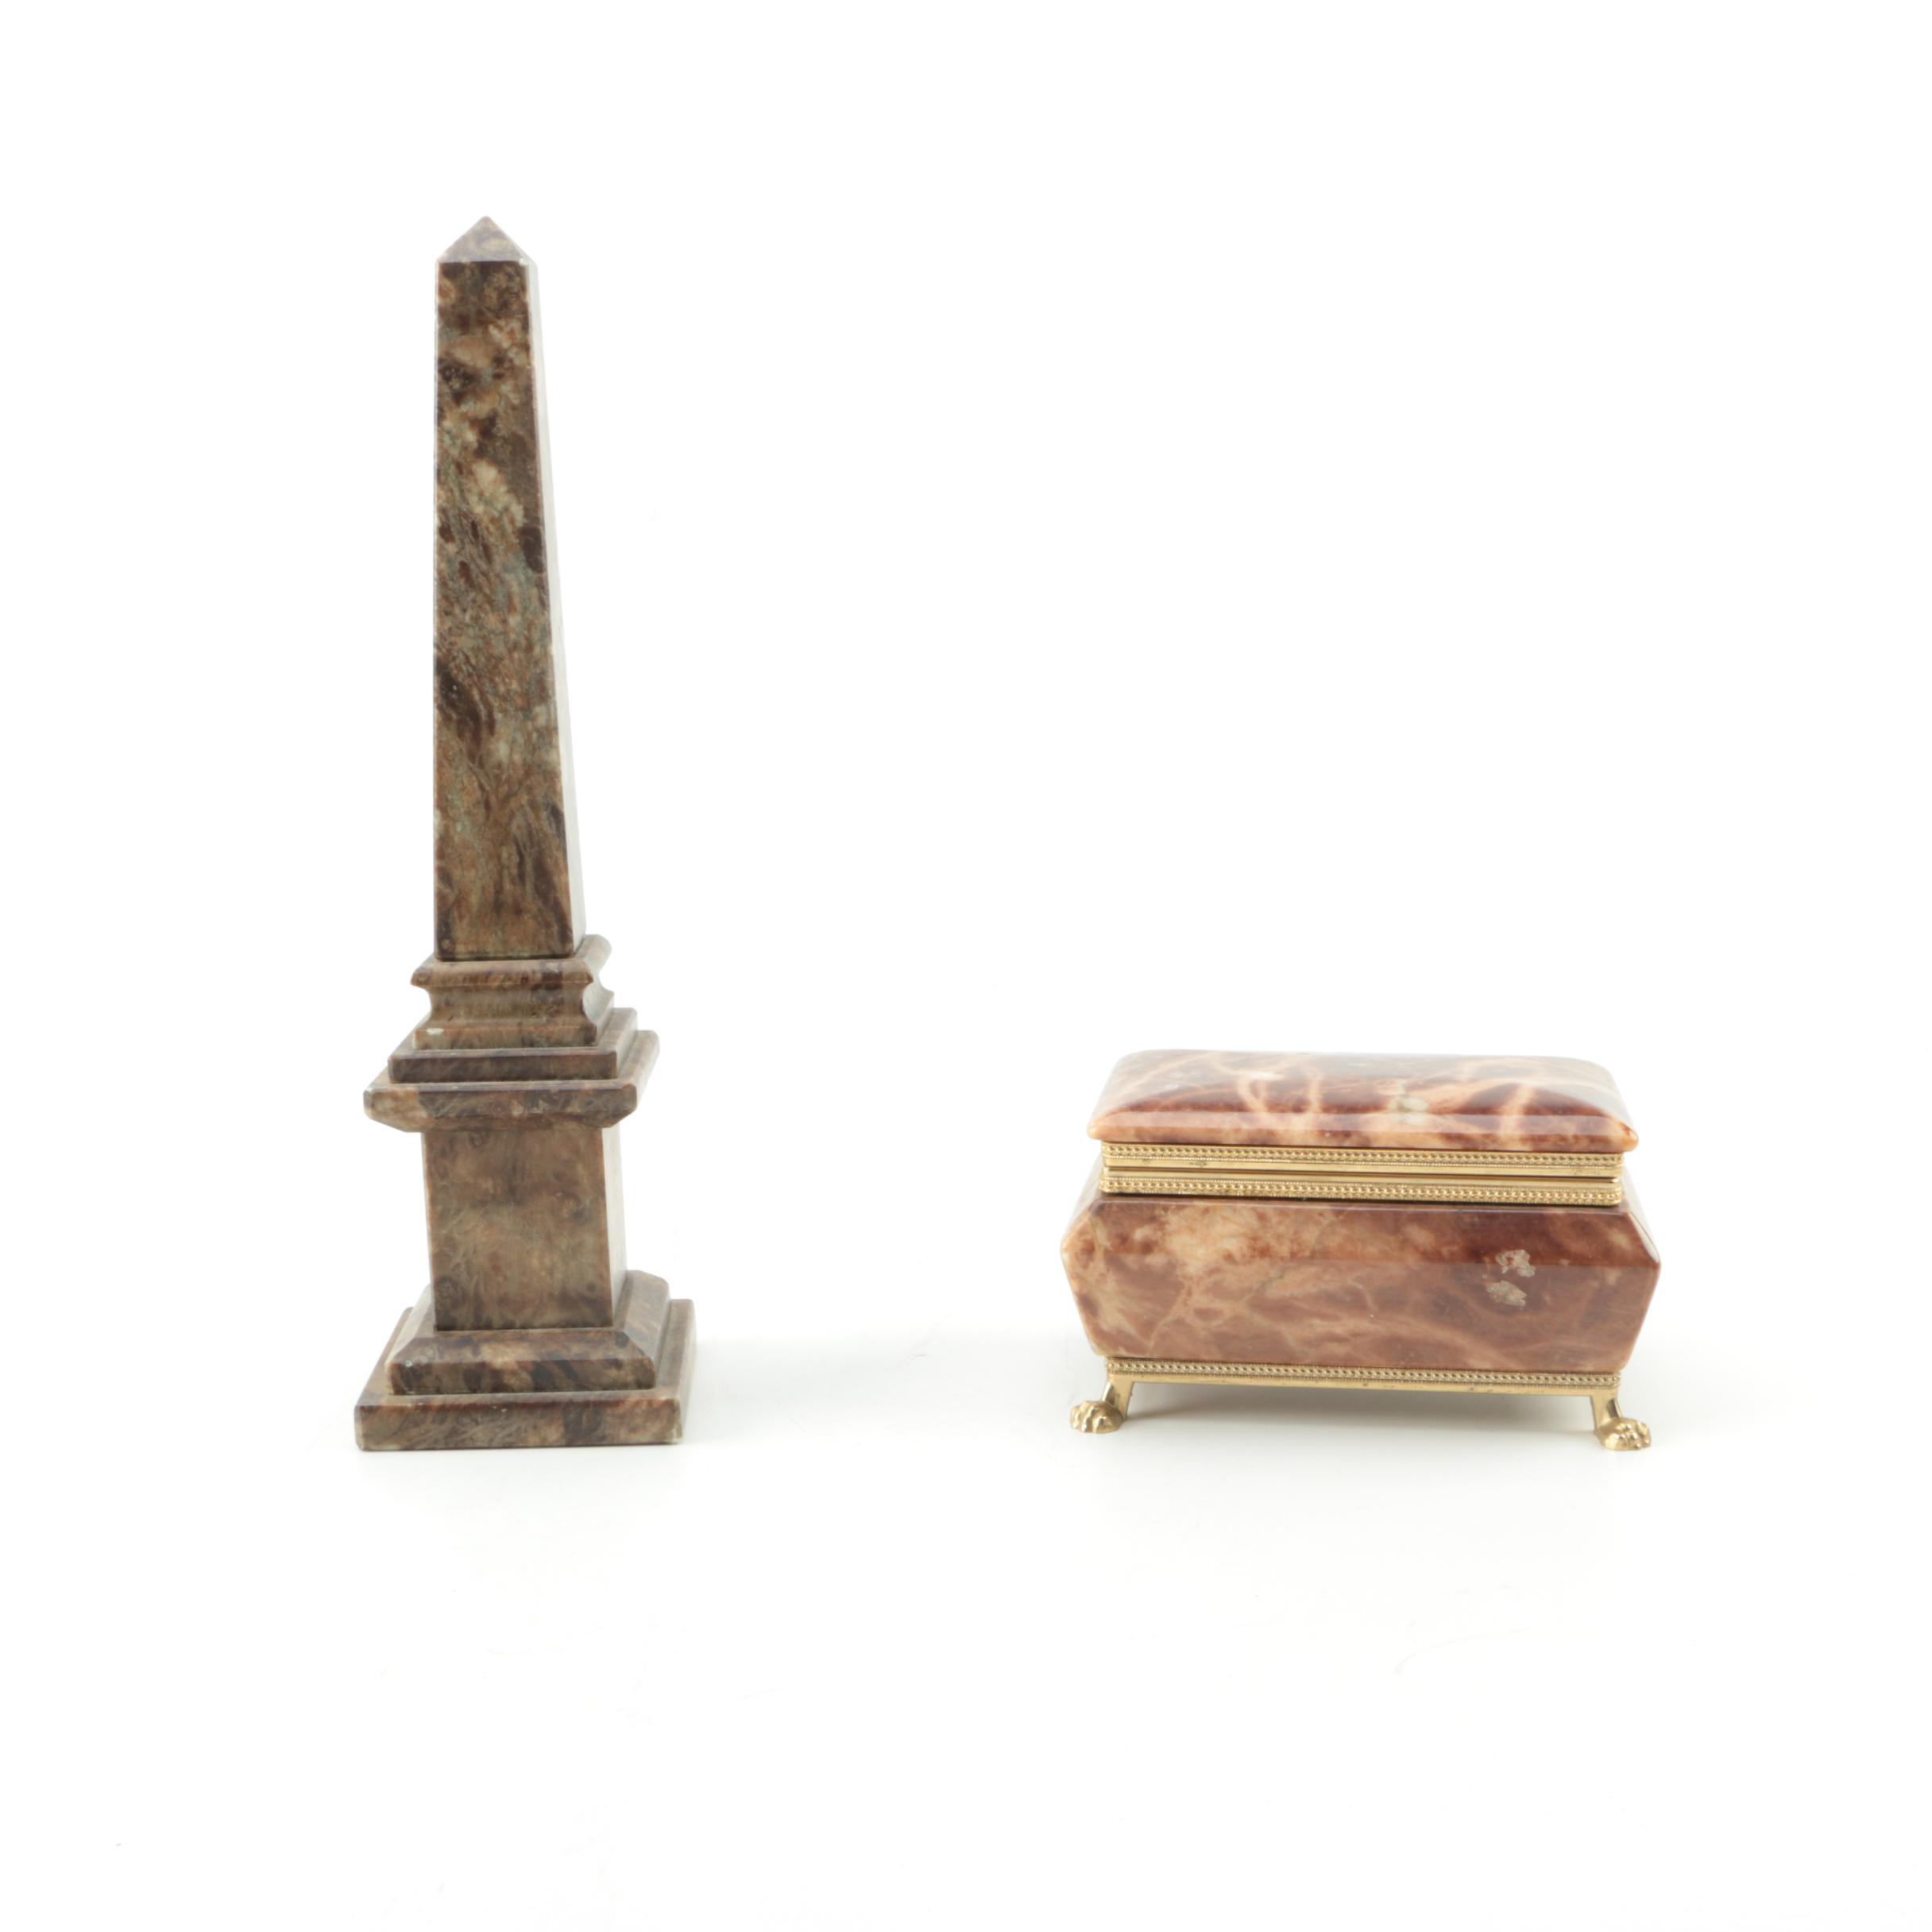 Marble Obelisk with an Alabaster Trinket Box